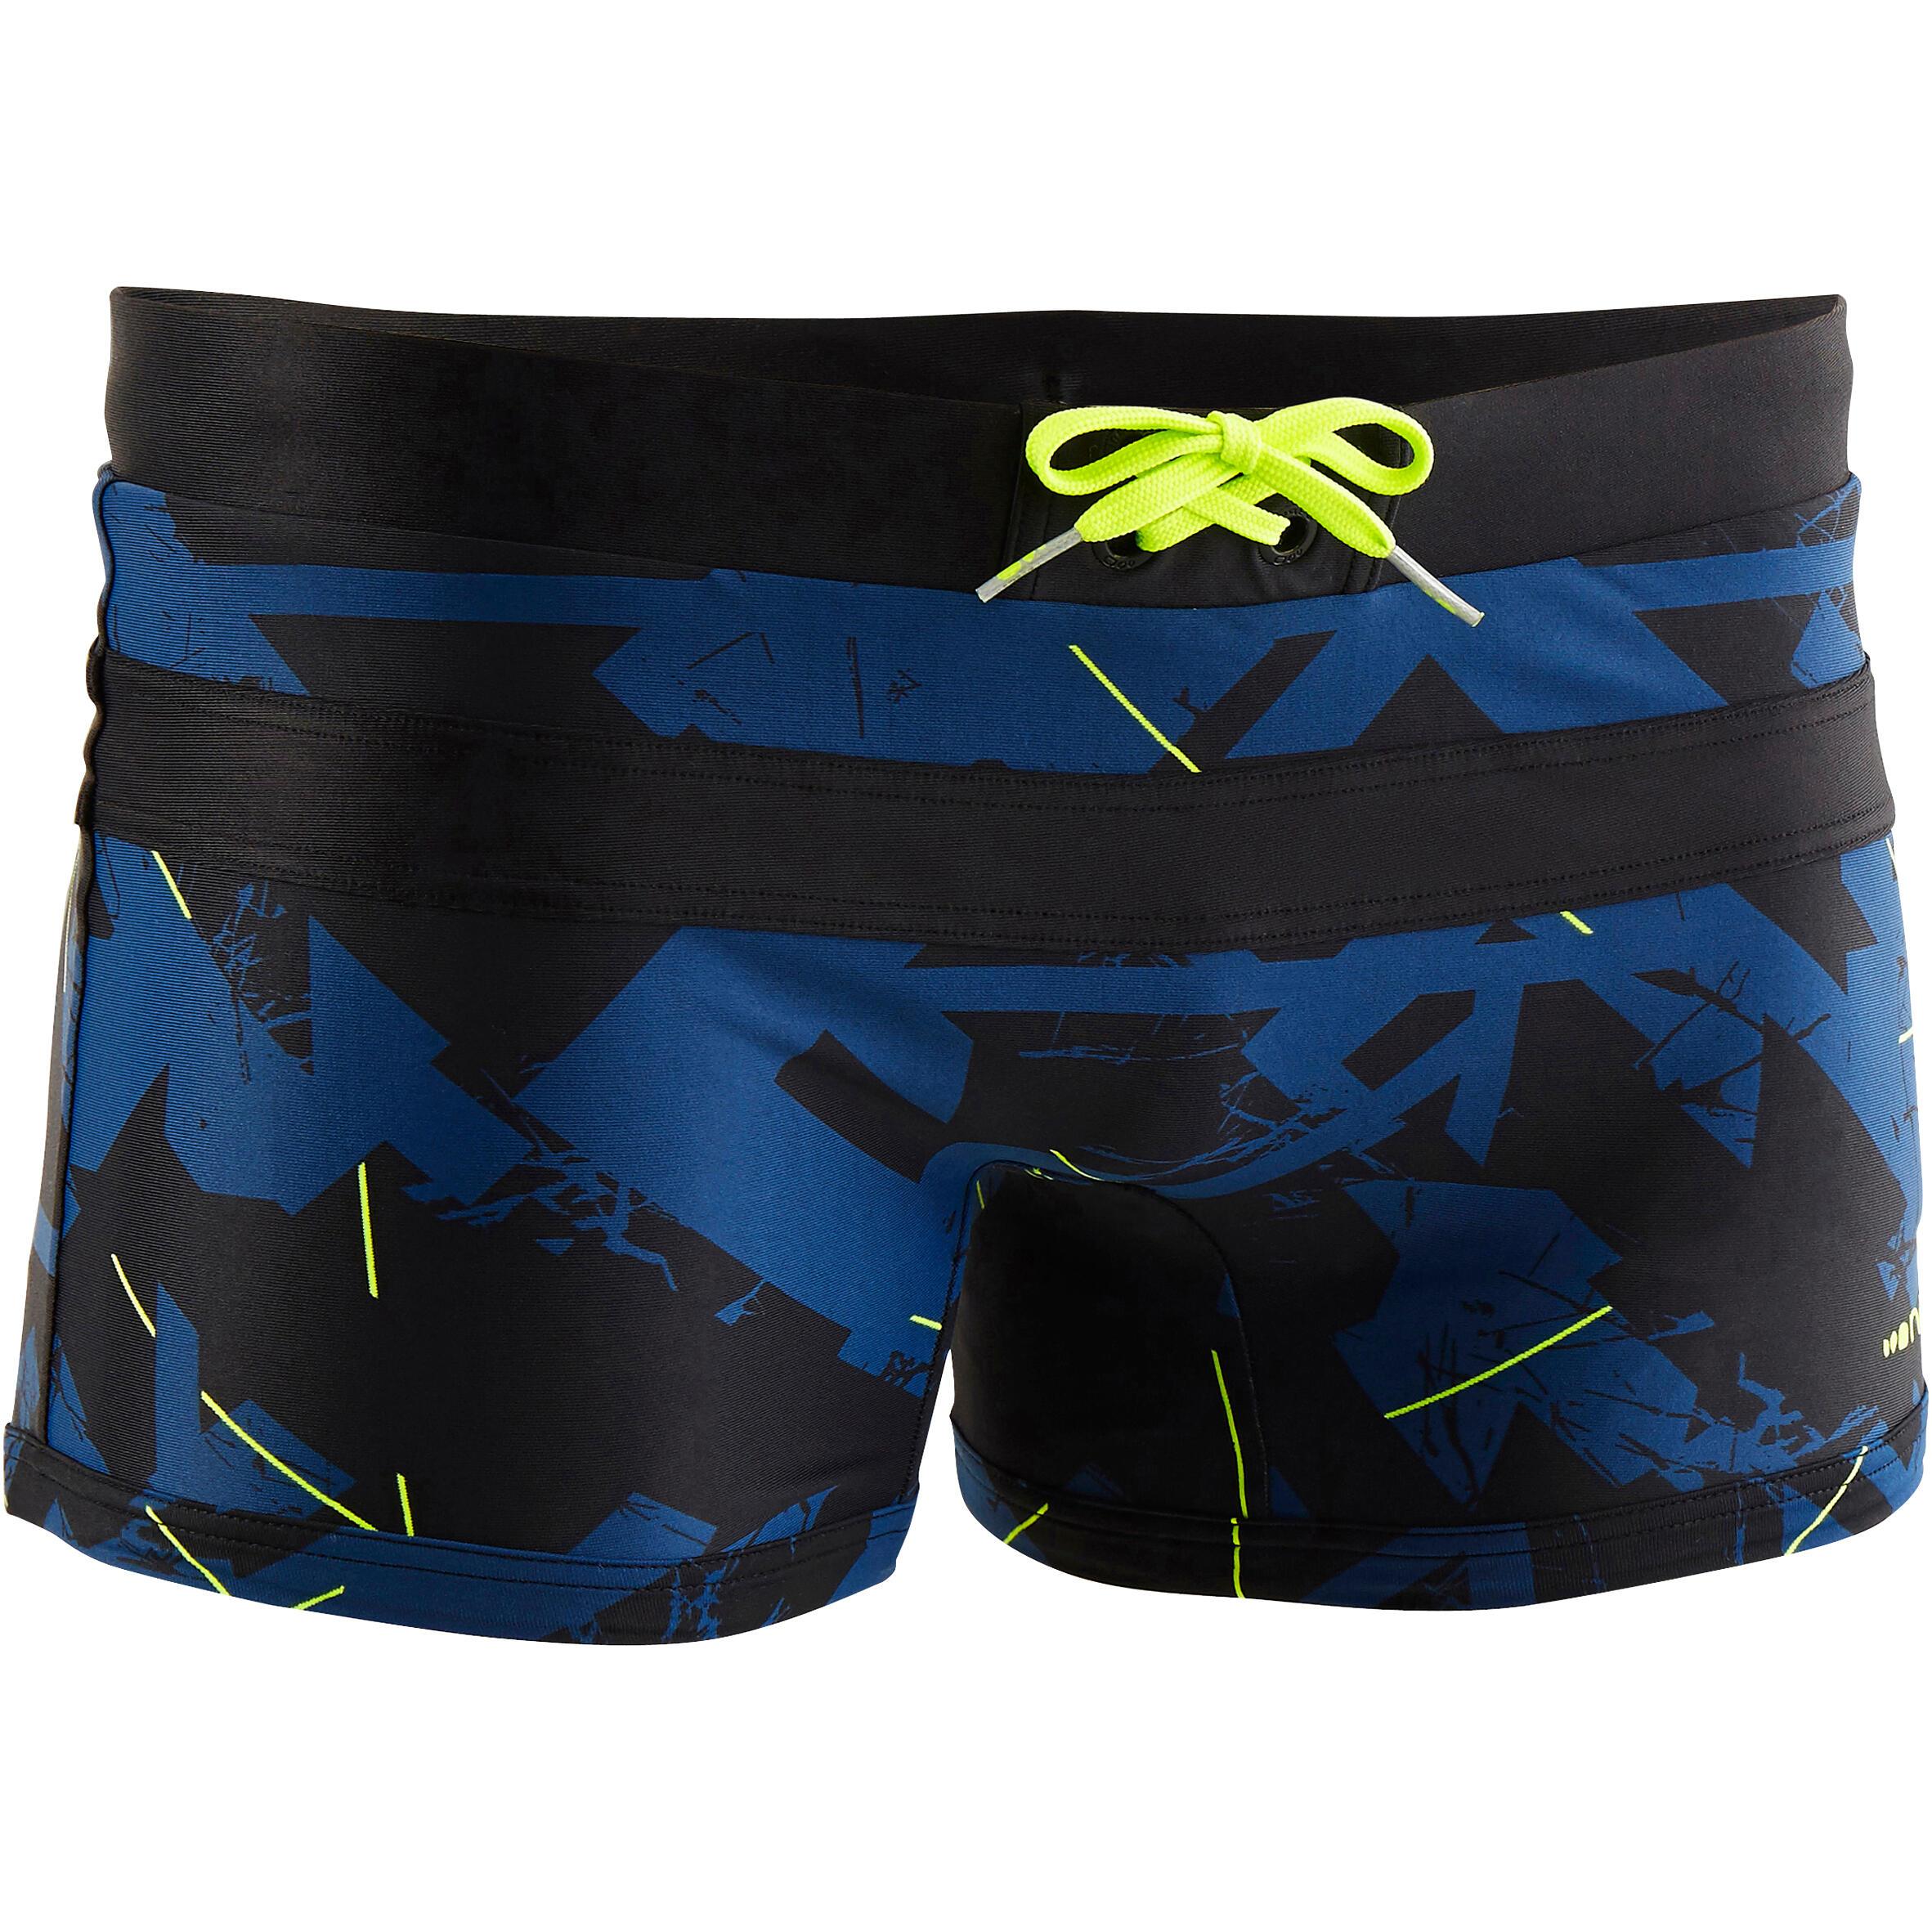 Herren Badehose Boxer 5550 Pool H All Dry Navy Herren | 03583788145080